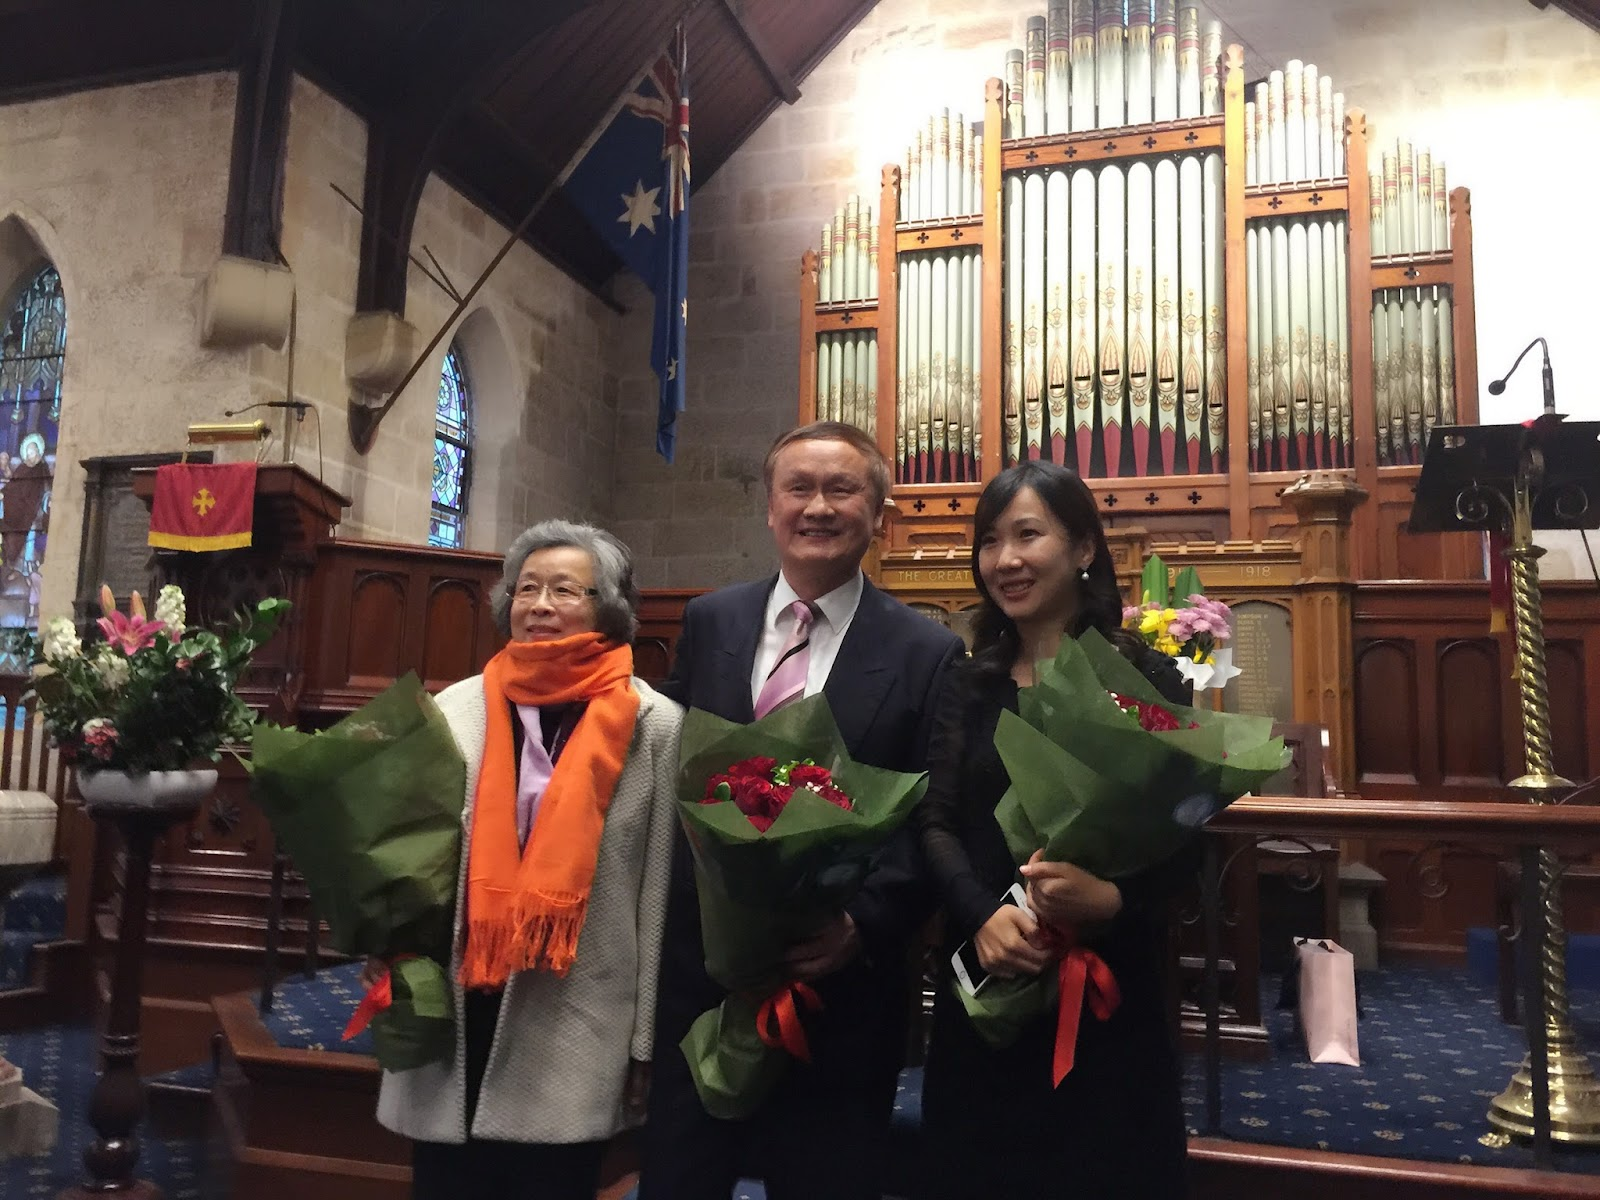 钢琴家雷敬蓉、潘寅林和主持人.jpg